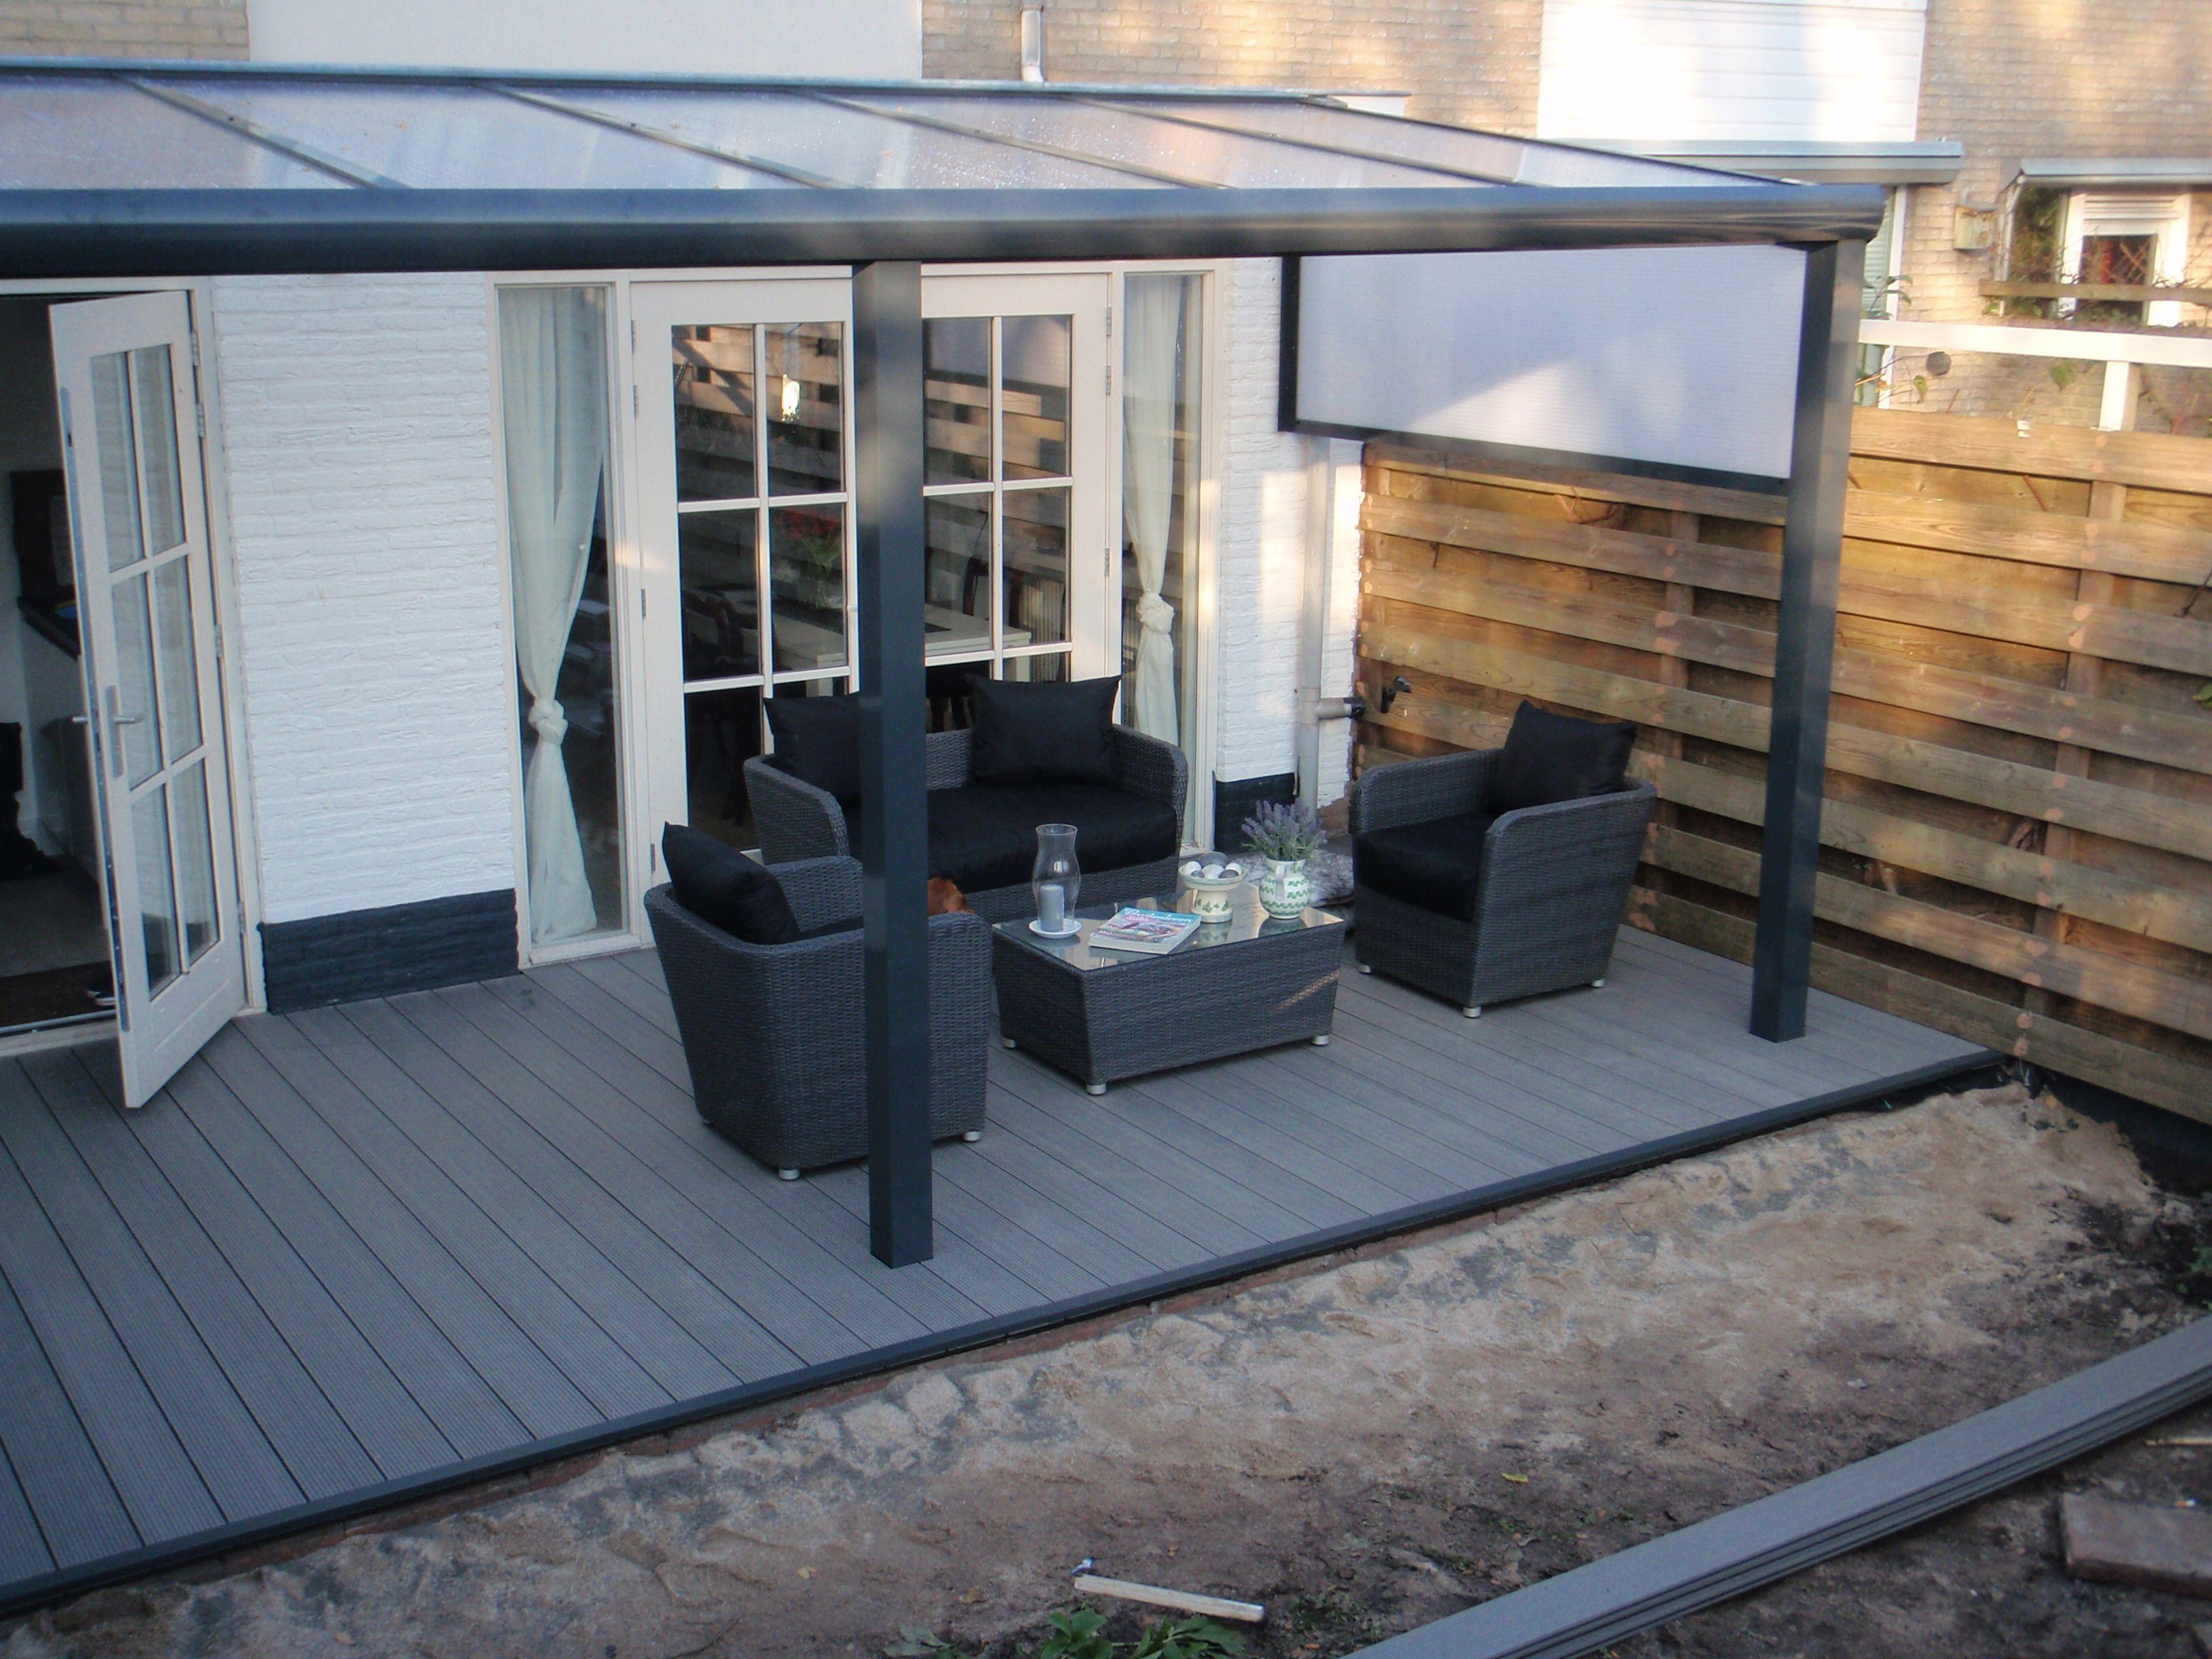 veranda terrasoverkapping gemaakt van aluminium geeft sfeer in de tuin modern of klassiek